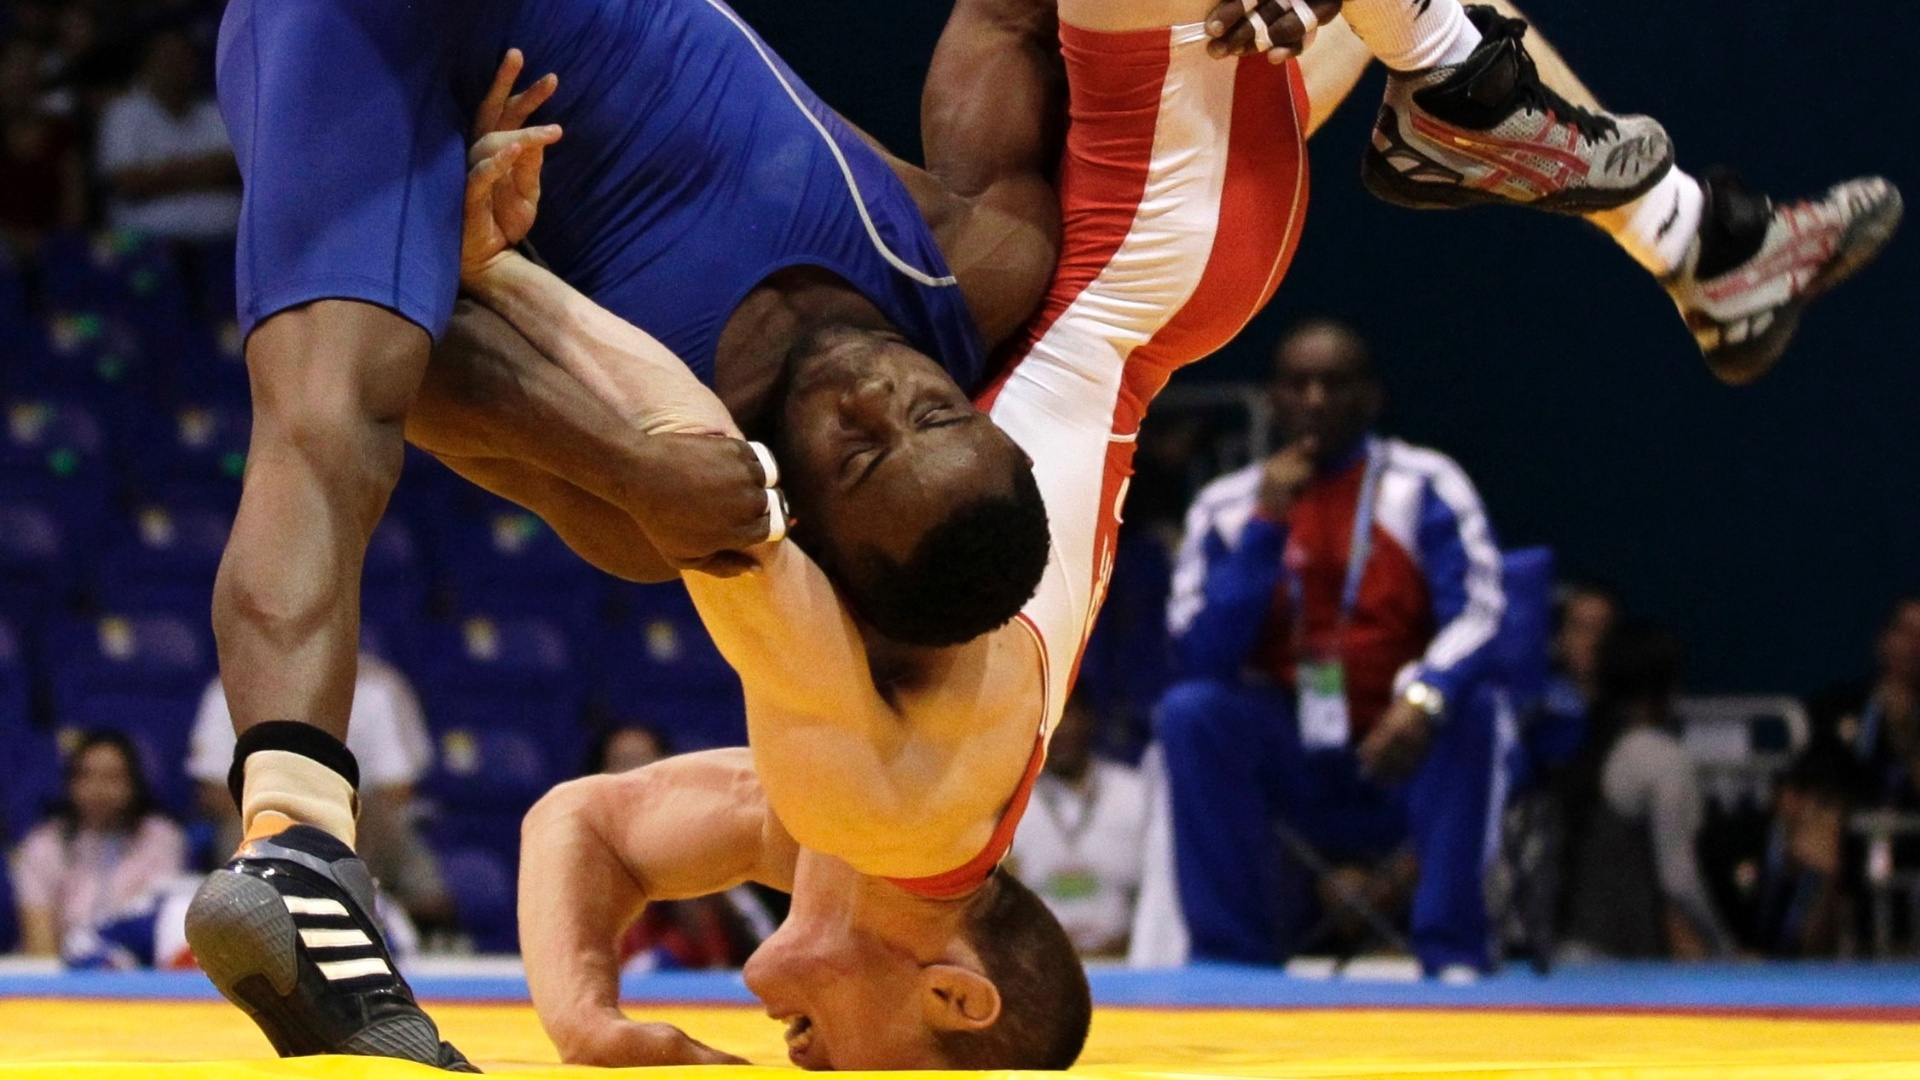 Yowlys Bonne (azul) de Cuba, e o canadense Ryley Walker, em combate da luta olímpica, categoria até 60 kg